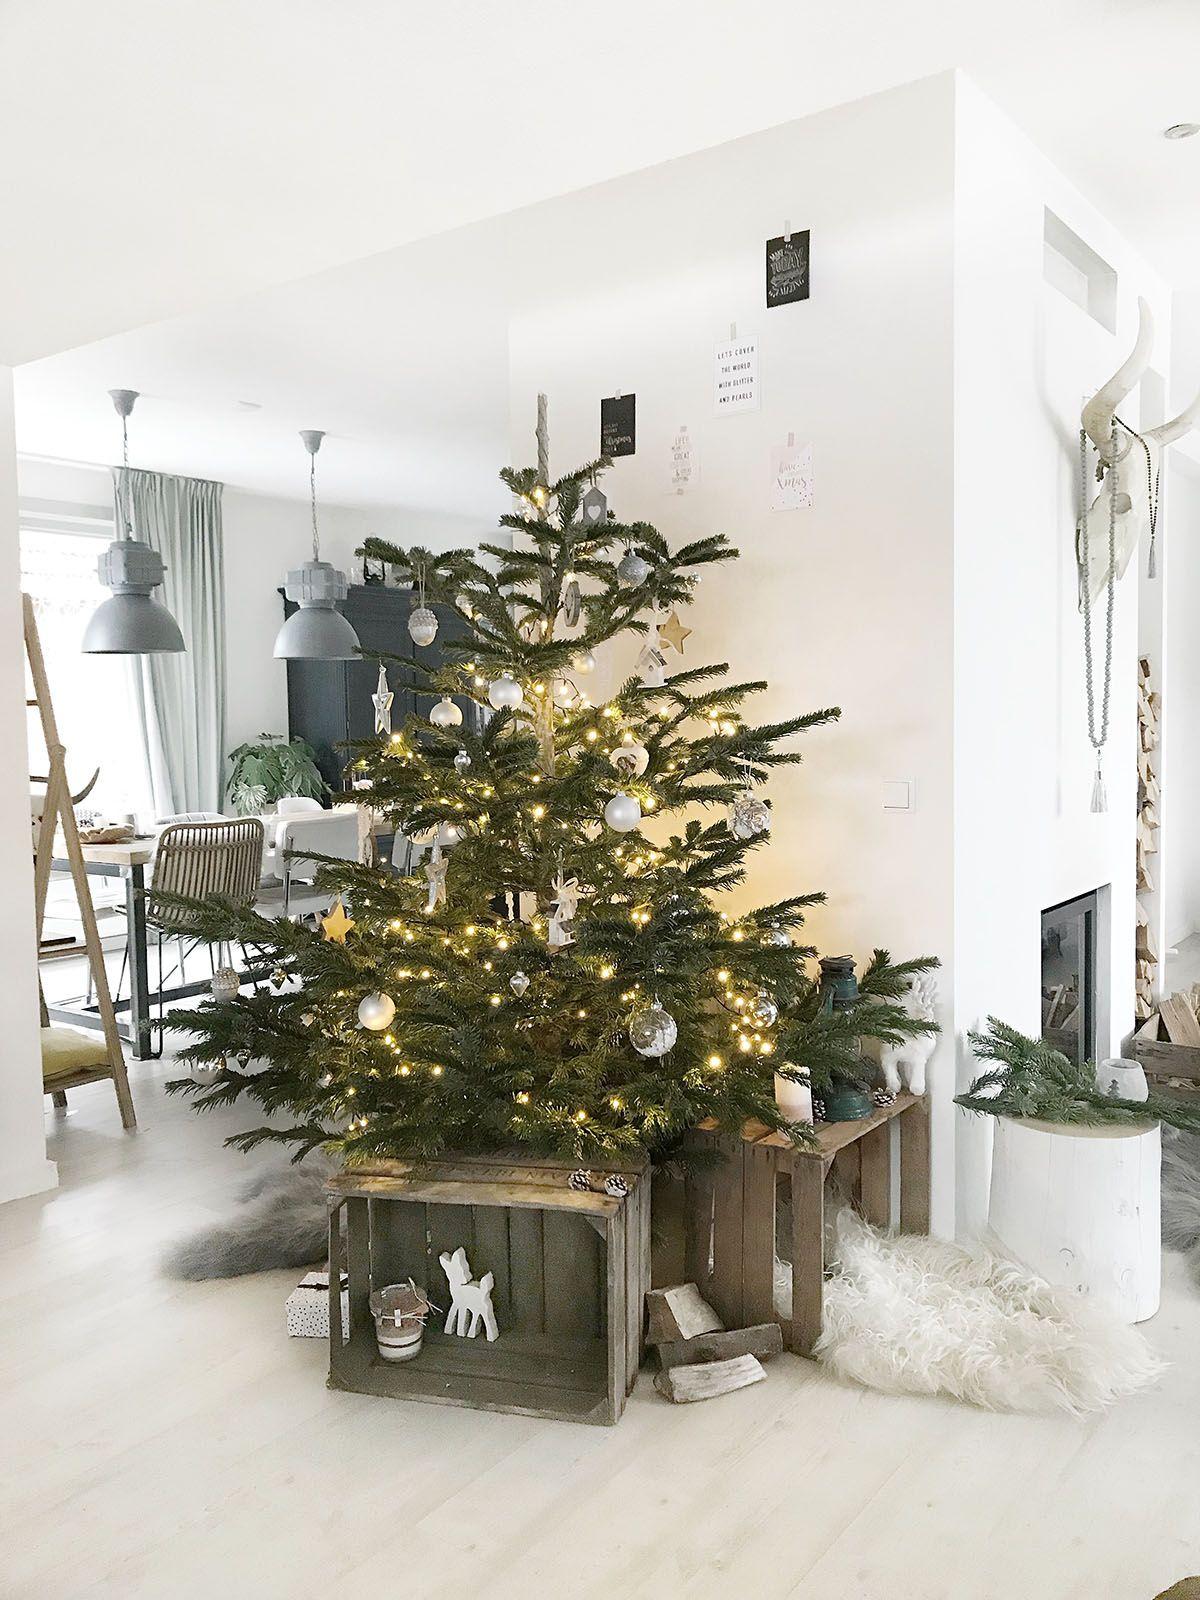 kerstboom met houten fruitkistjes kerst interieur ideeen alternatieve kerstboom christmas interior kerstinterieur